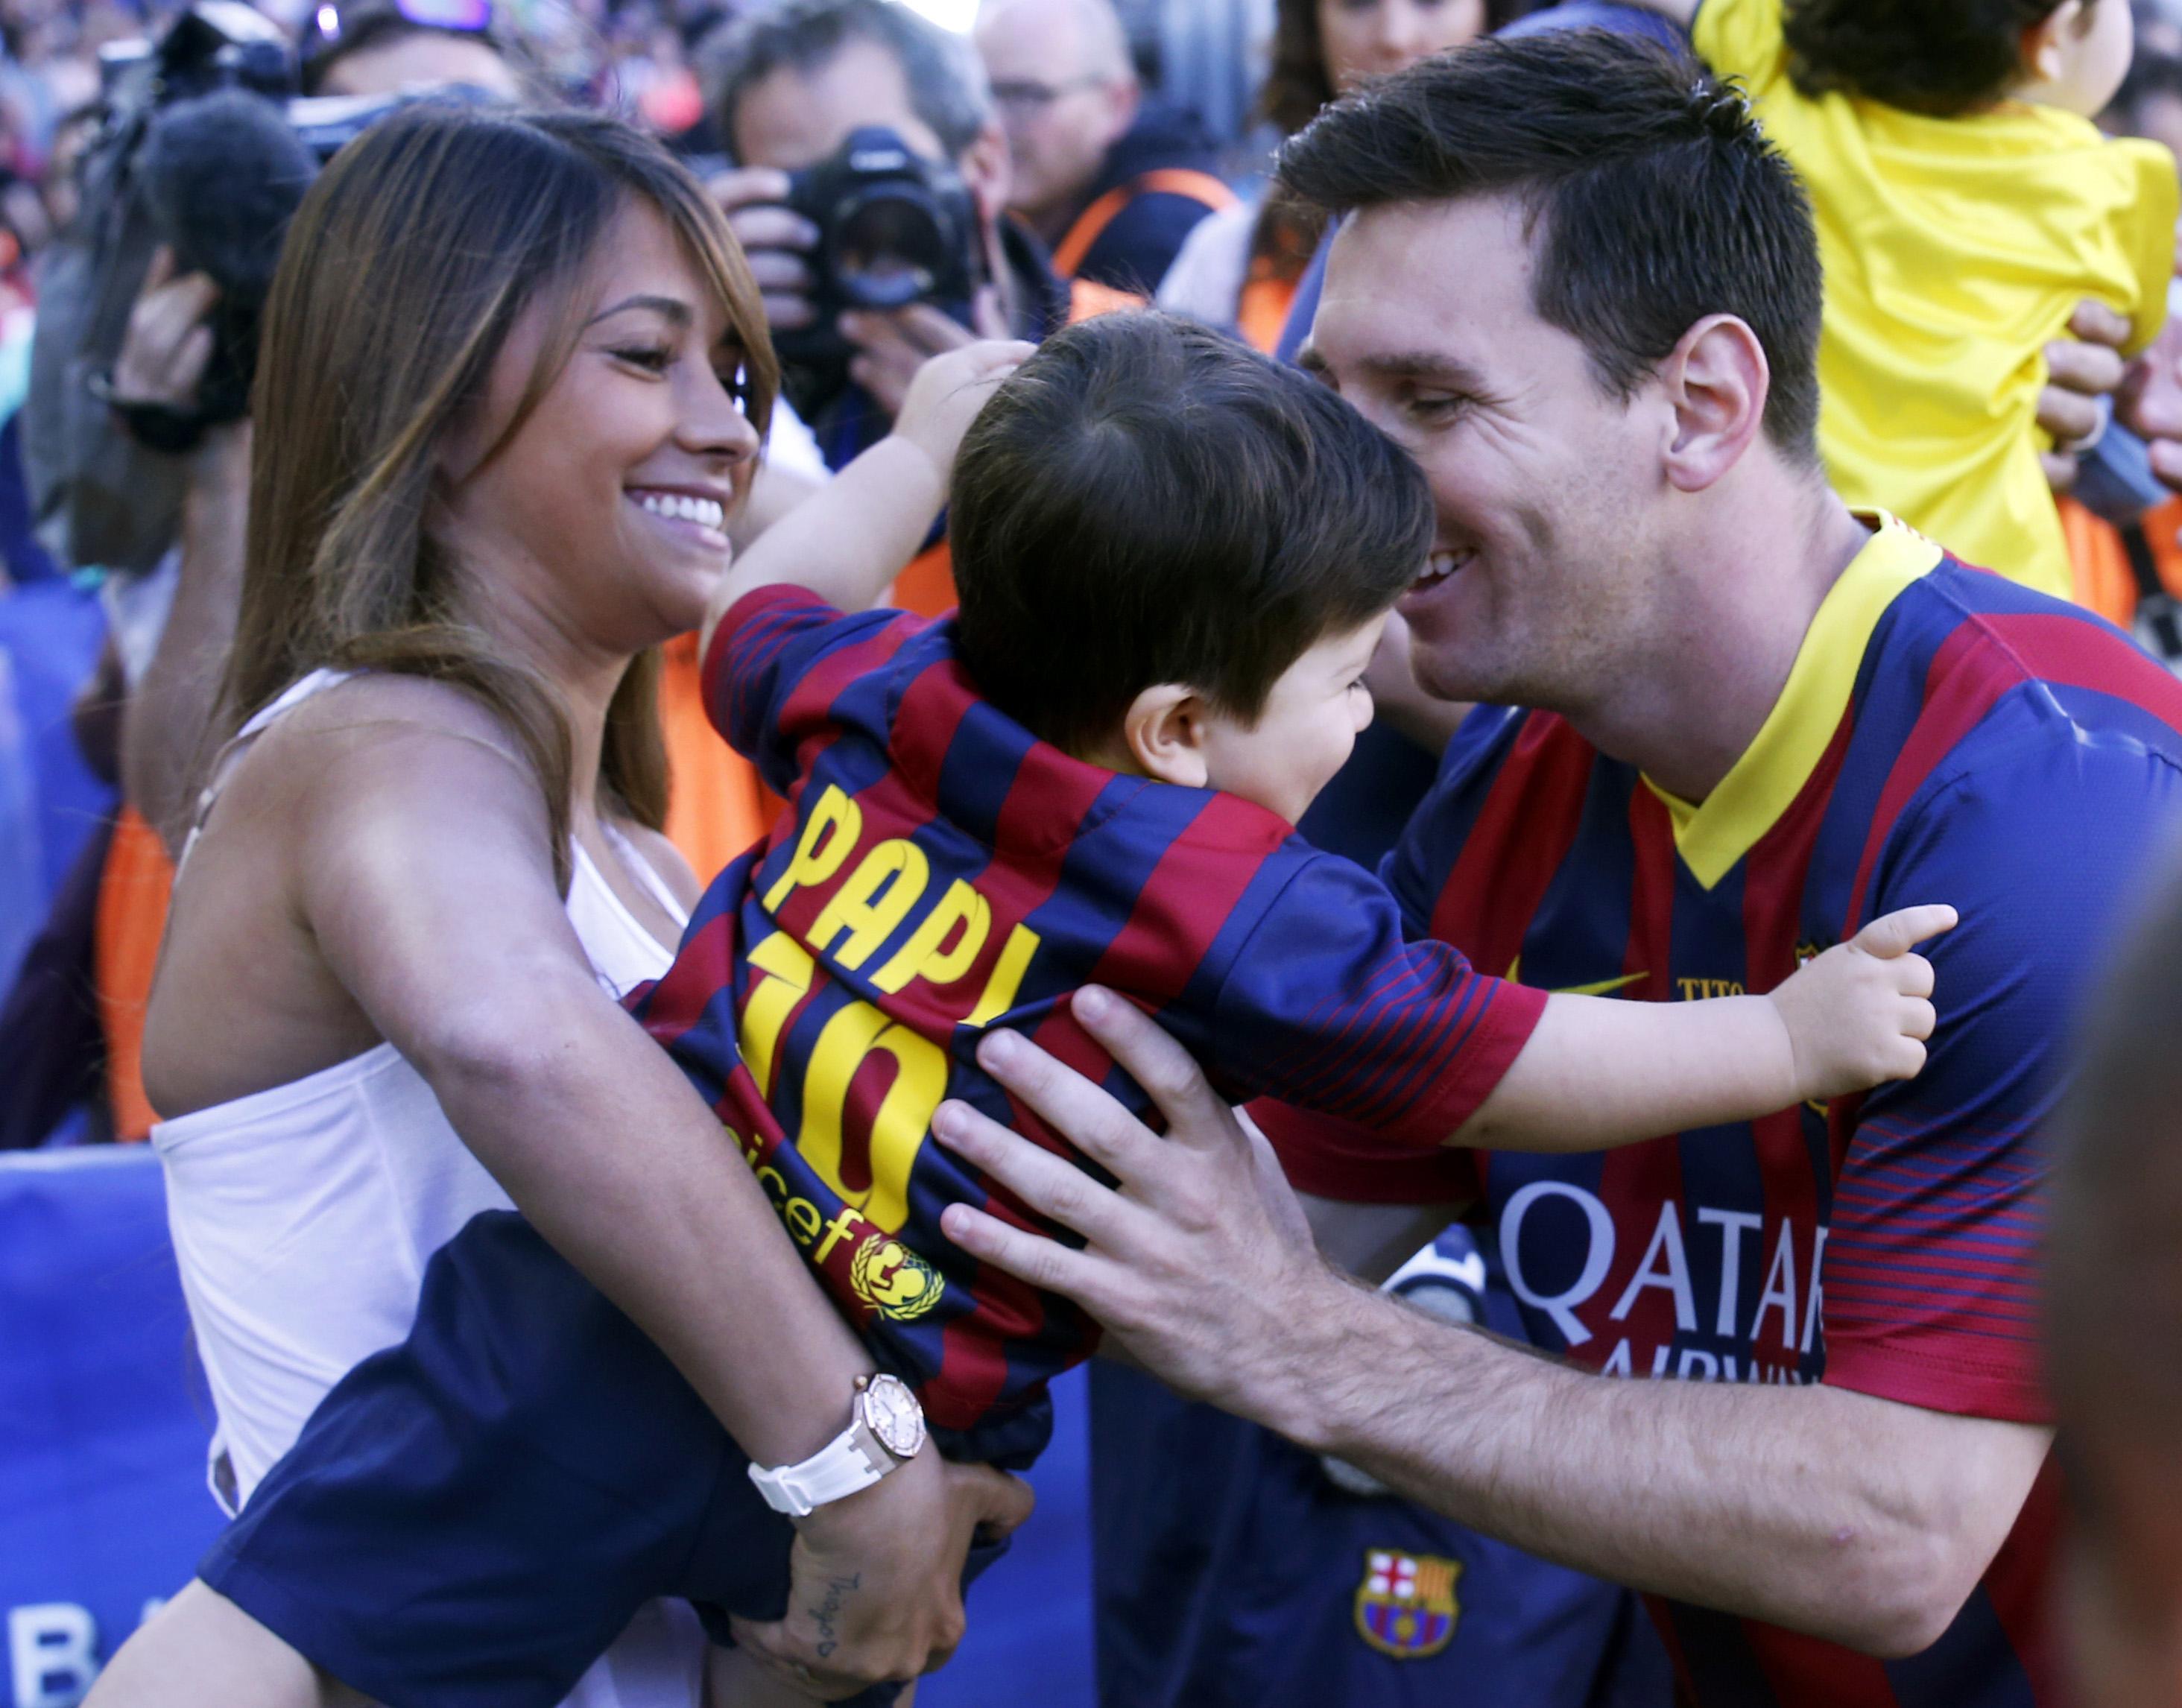 Juntos en el Camp Nou del Barcelonacon su hijo Thiago, en 2014. Antonela confesó que el fútbol le aburre, pero es incondicional con su marido